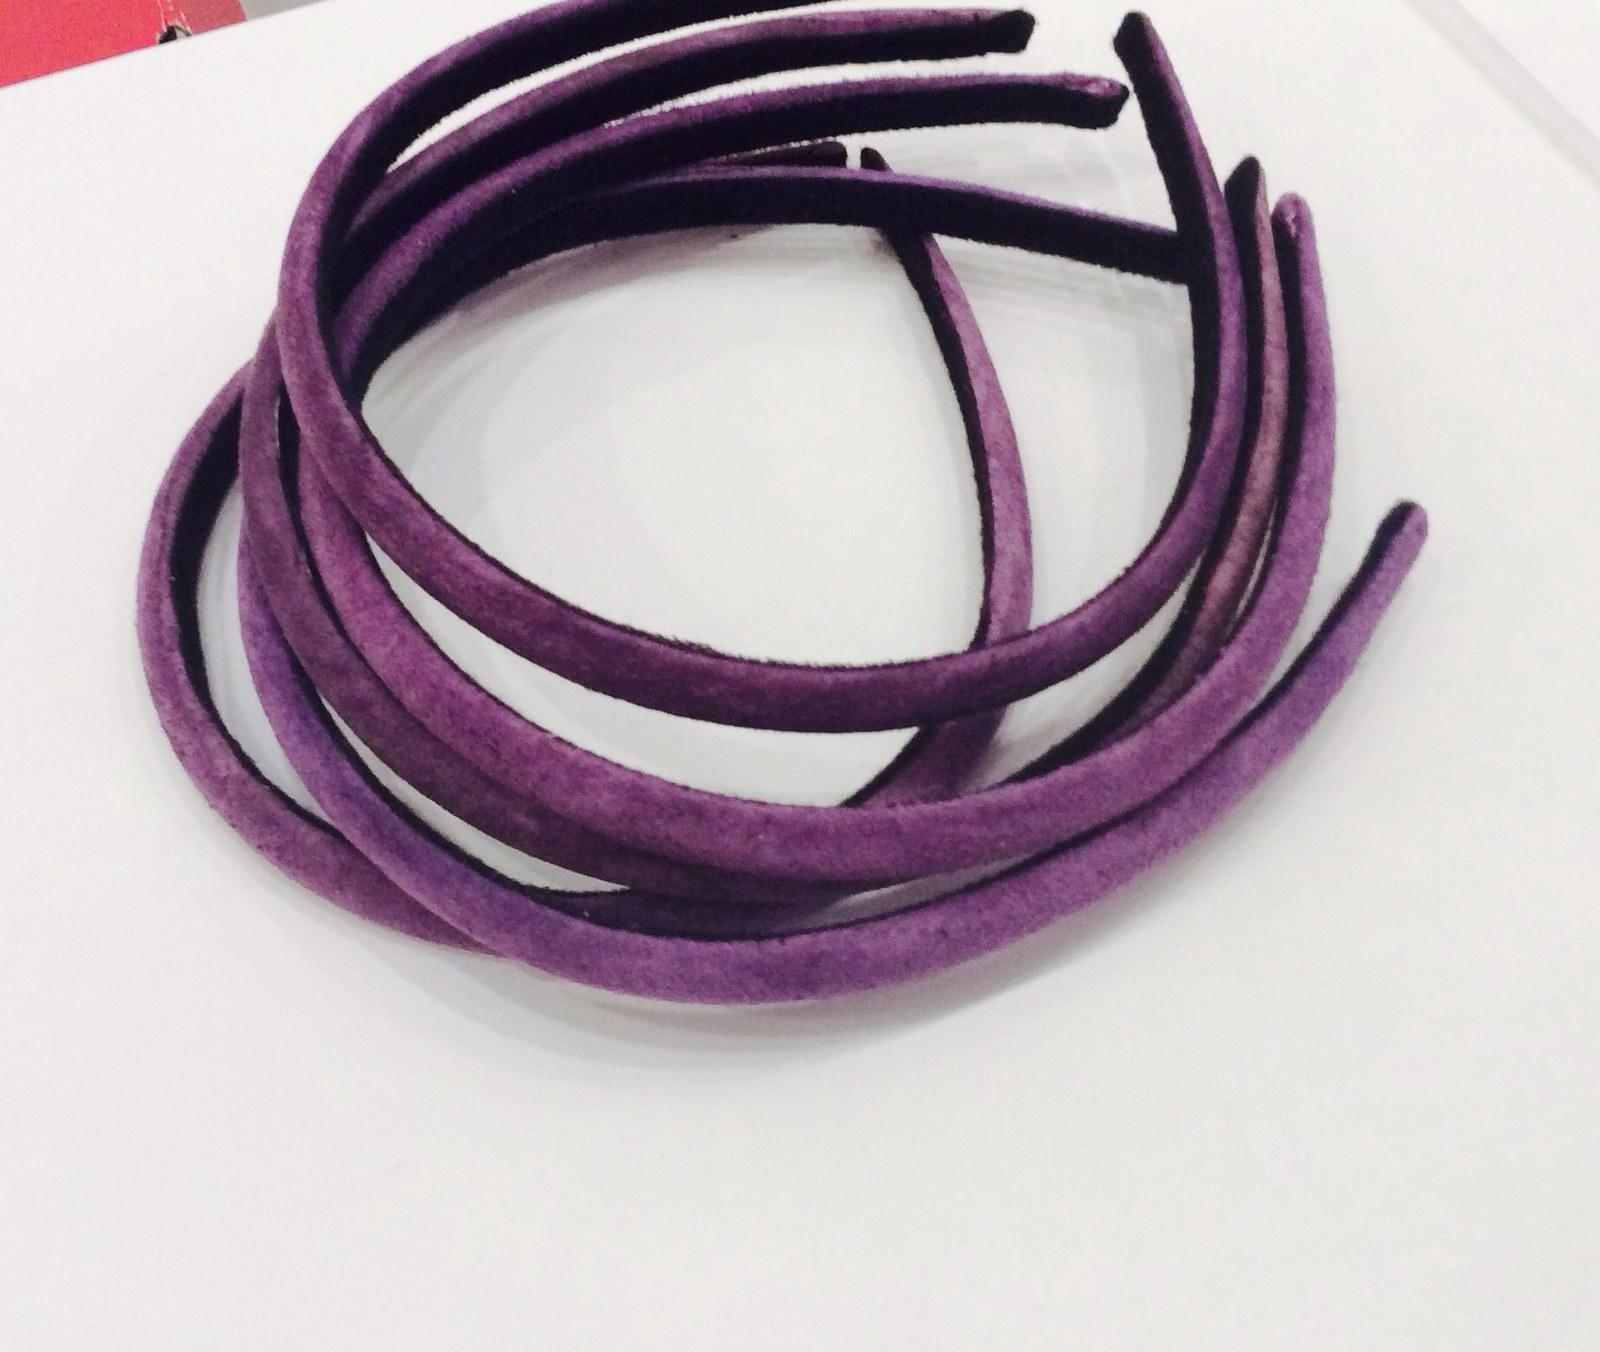 Čelenka světle fialová sametová ... čelenka   Zboží prodejce Darmen ... 91665cf089